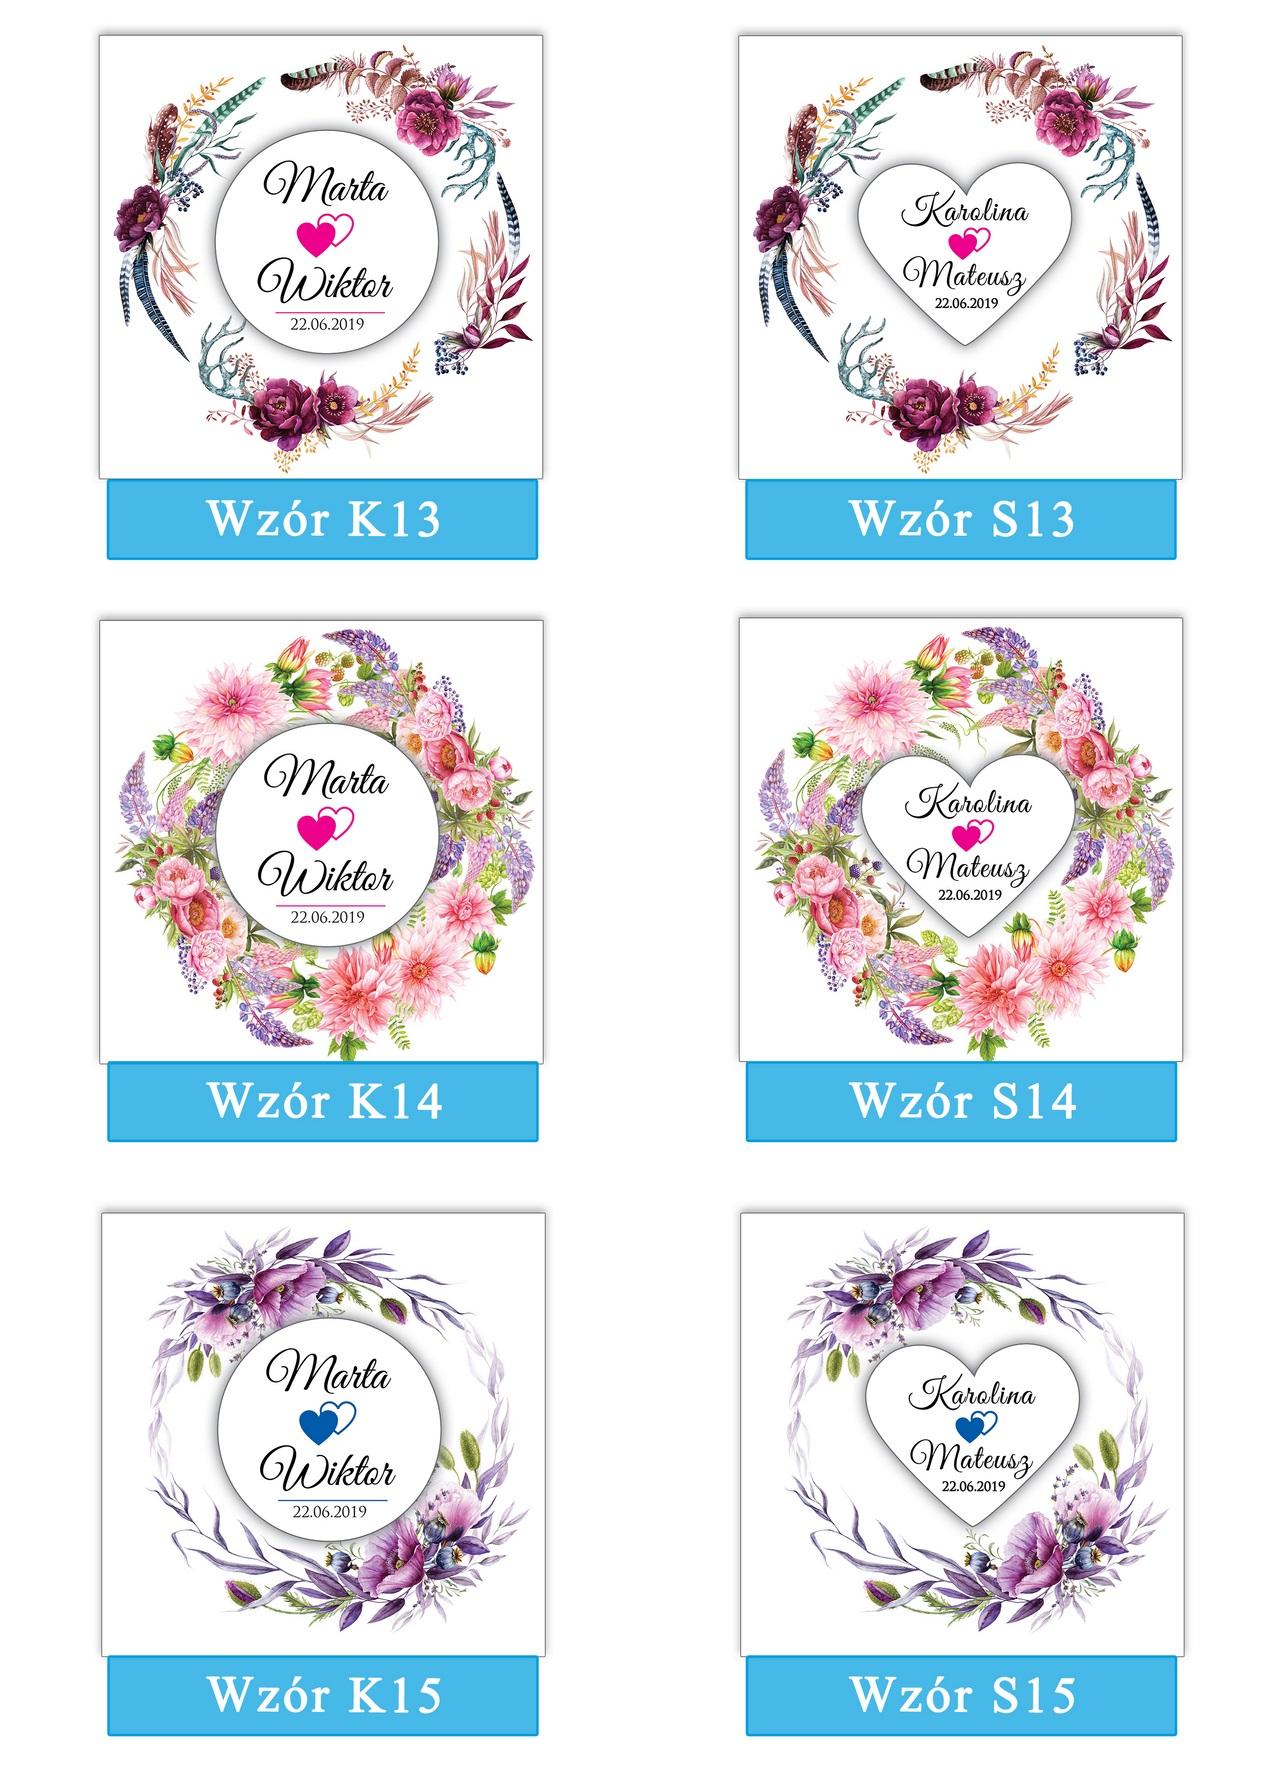 zaproszenia-ślubne-boho-rustykalne-wianki-kwiatowe-Silena-ze-wstążką-plansza-wzory13-15